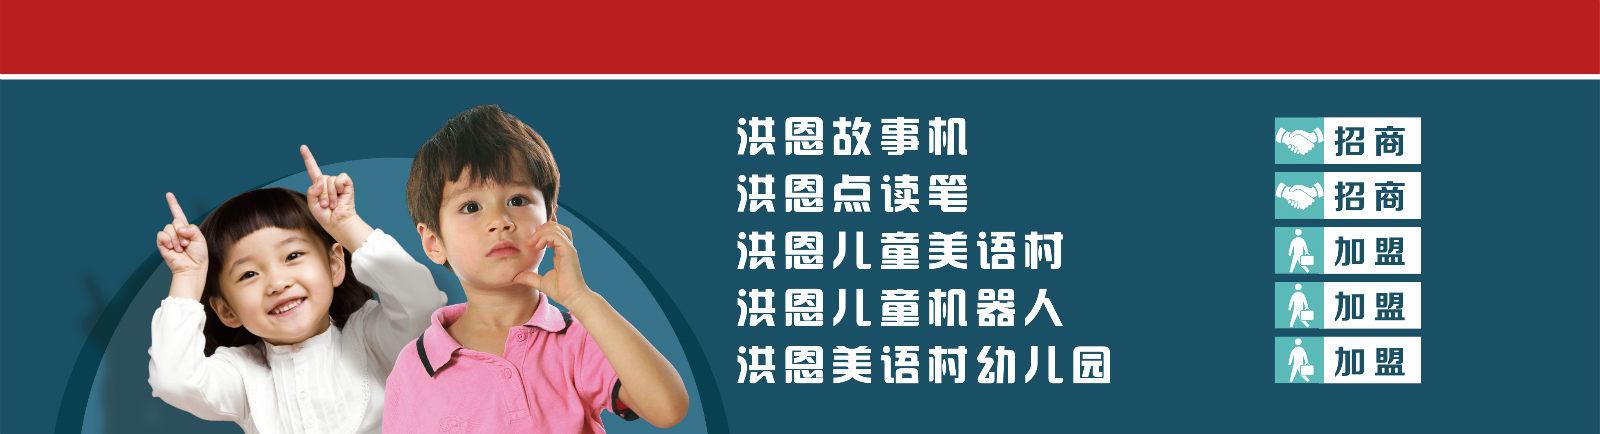 上海展会项目内容_meitu_2